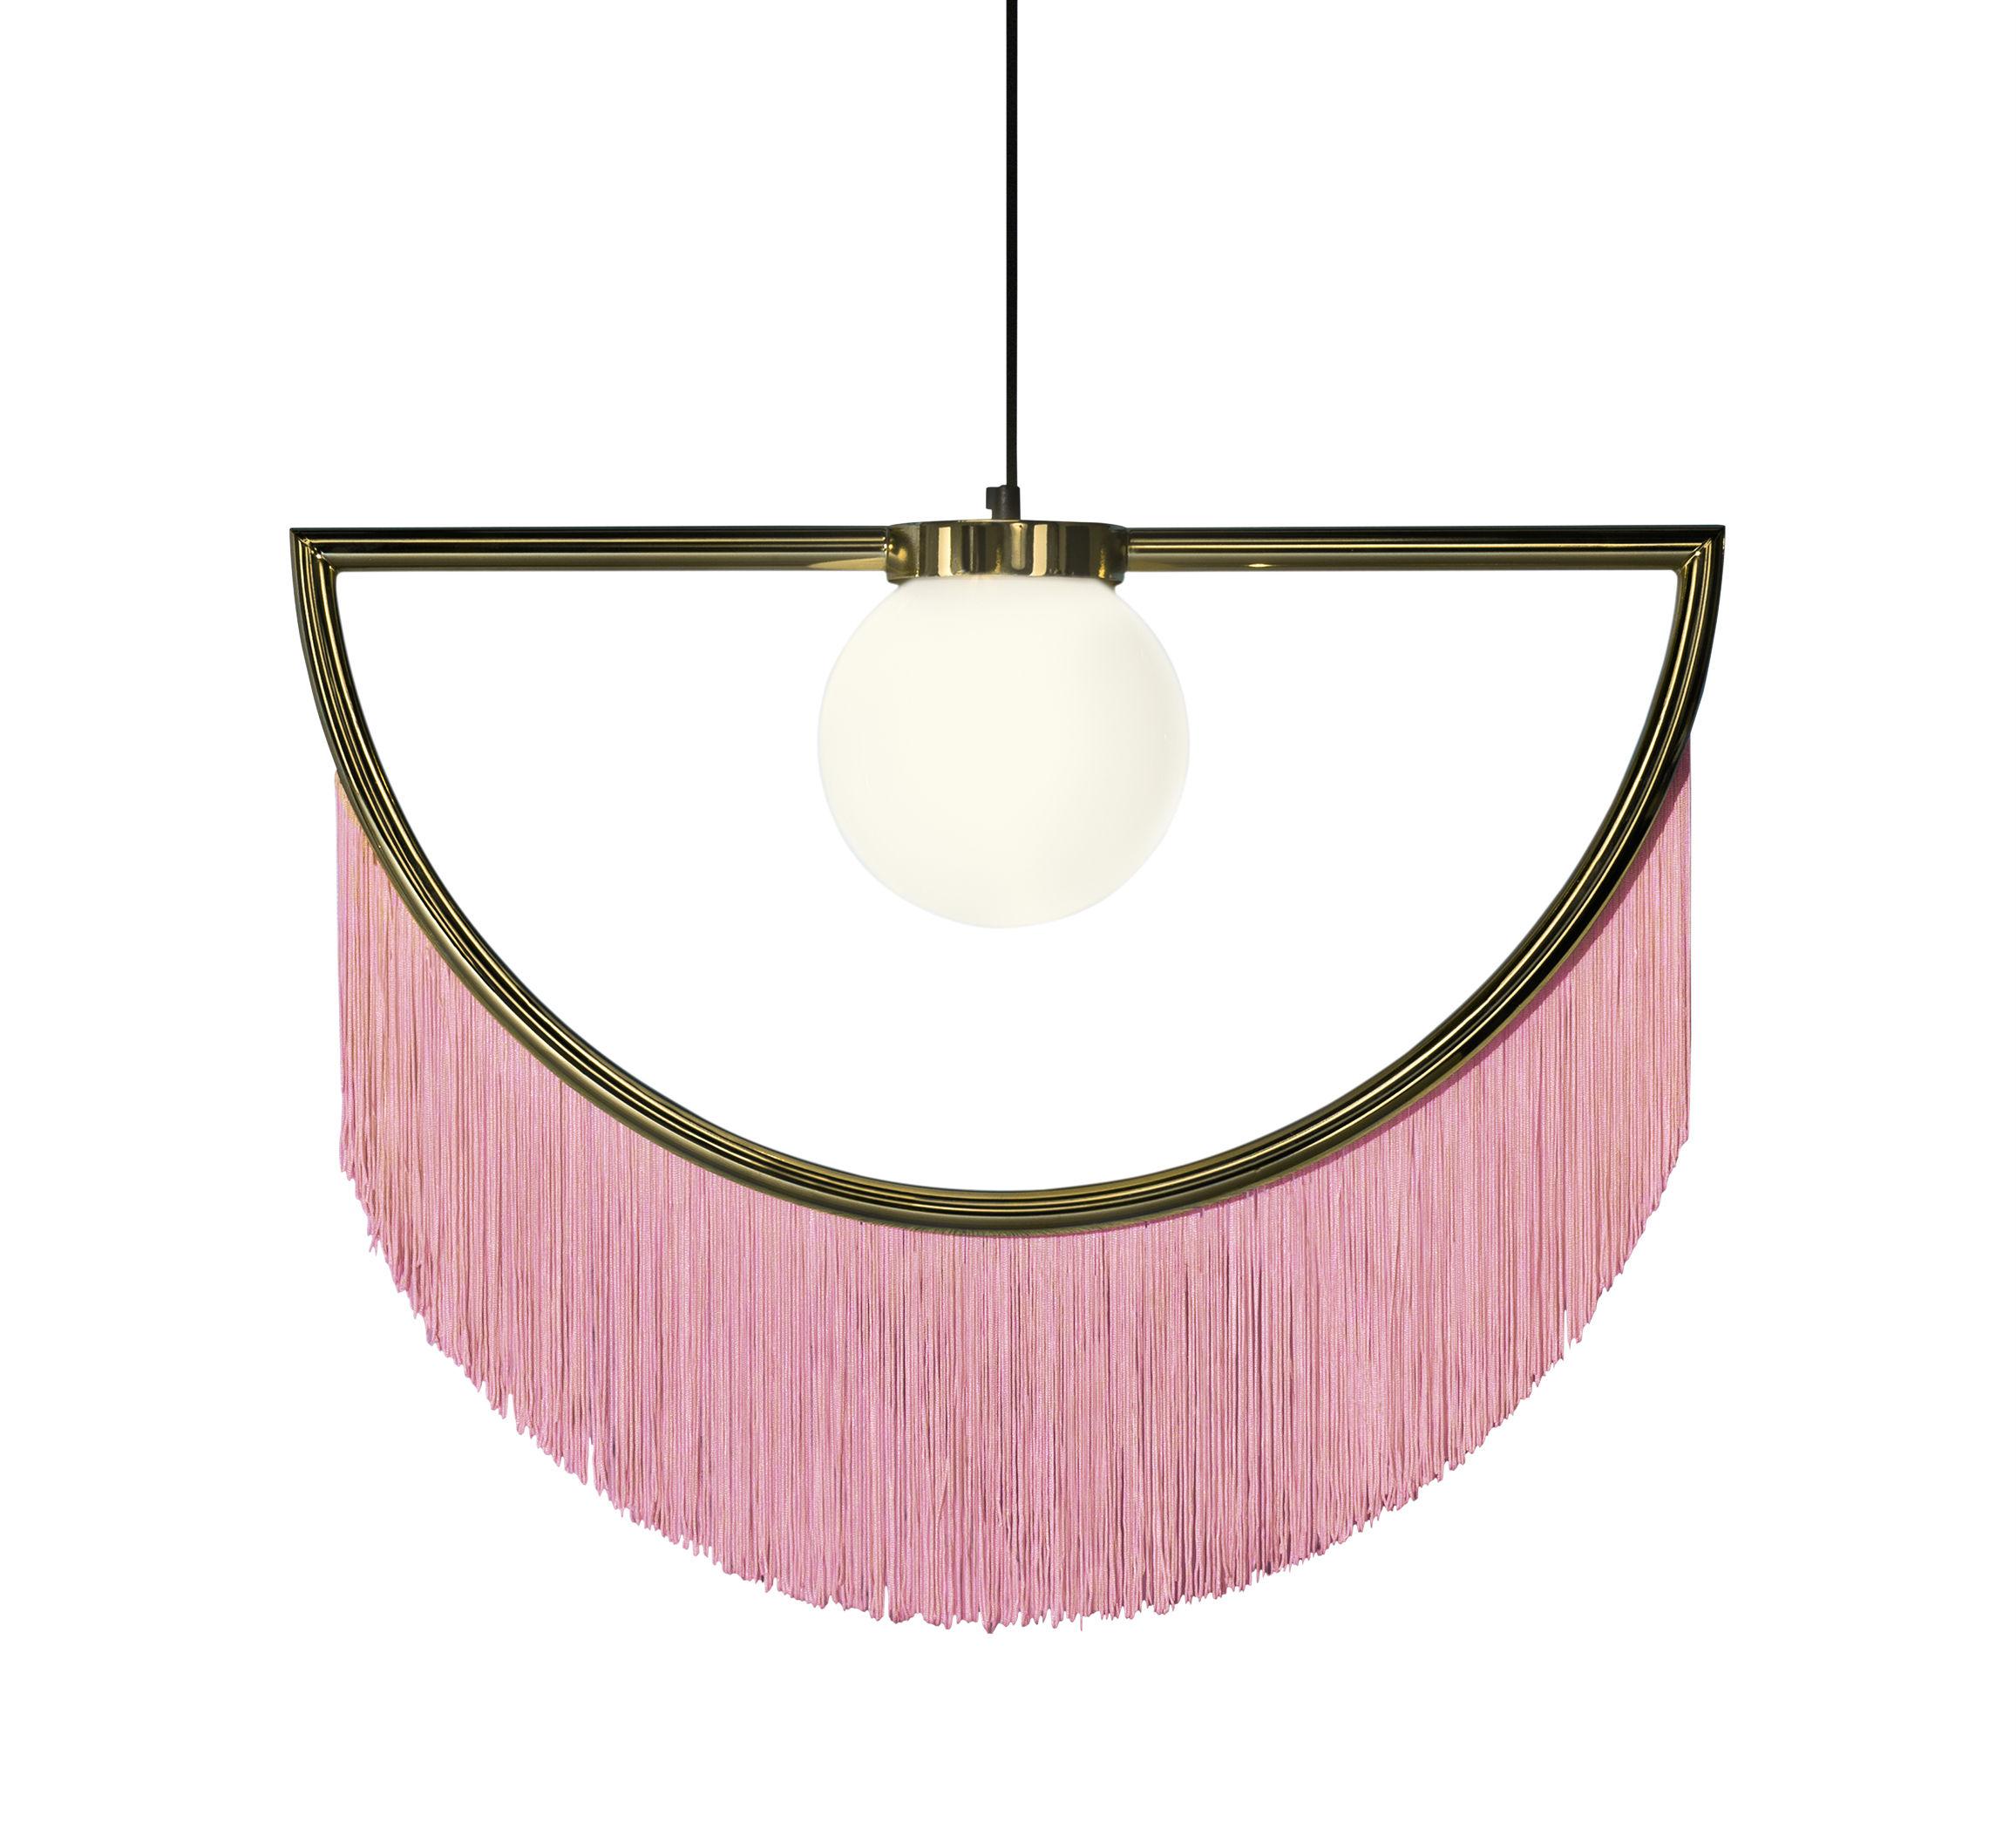 Luminaire - Suspensions - Suspension Wink / Franges - L 60 x H 48 cm - Houtique - Rose / Or - Acier finition or 24 carats, Acrylique, PVC, Verre opalin